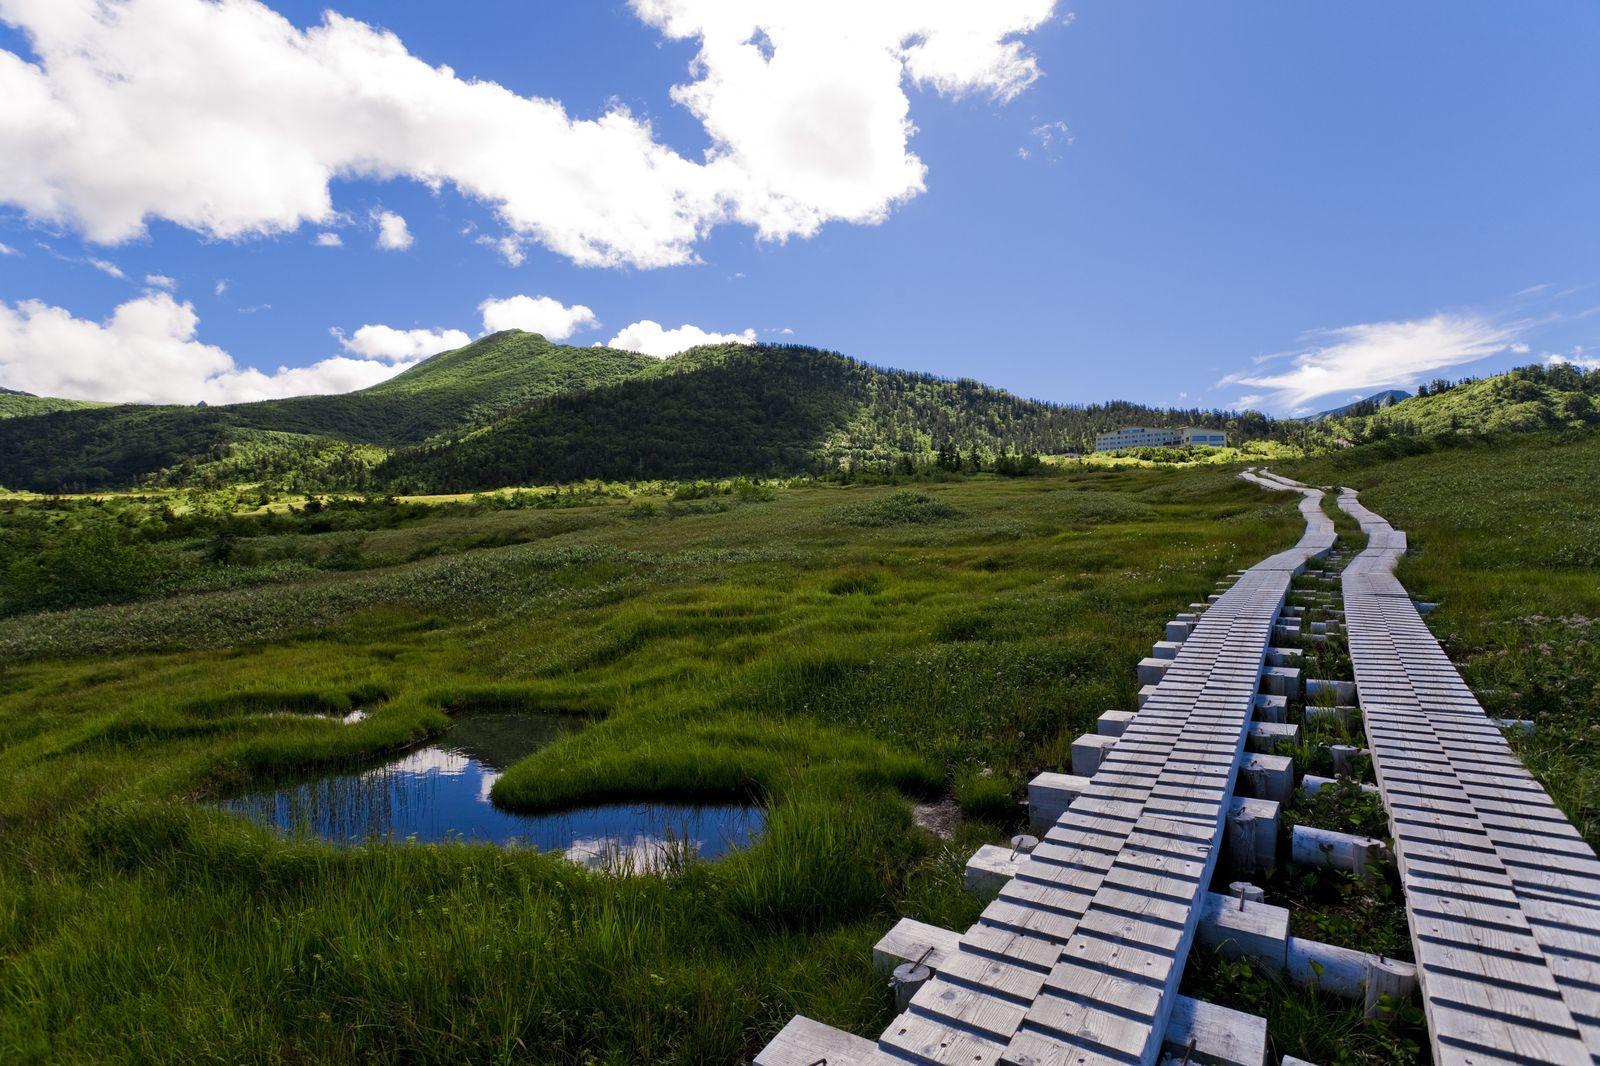 鮮やかな緑と、透き通った空気の中を歩くのも、これからの季節ならではの楽しみ。高所を抜ける立山黒部アルペンルートは、真夏の最高気温でも20度以下と涼しく、ウォーキングにも最適。写真は、室堂から富山側に向かうバスルートの途上にある「弥陀ヶ原」。ラムサール条約にも登録された湿原に、夏はワタスゲ、タテヤマリンドウといった愛らしい花々が咲き誇ります。